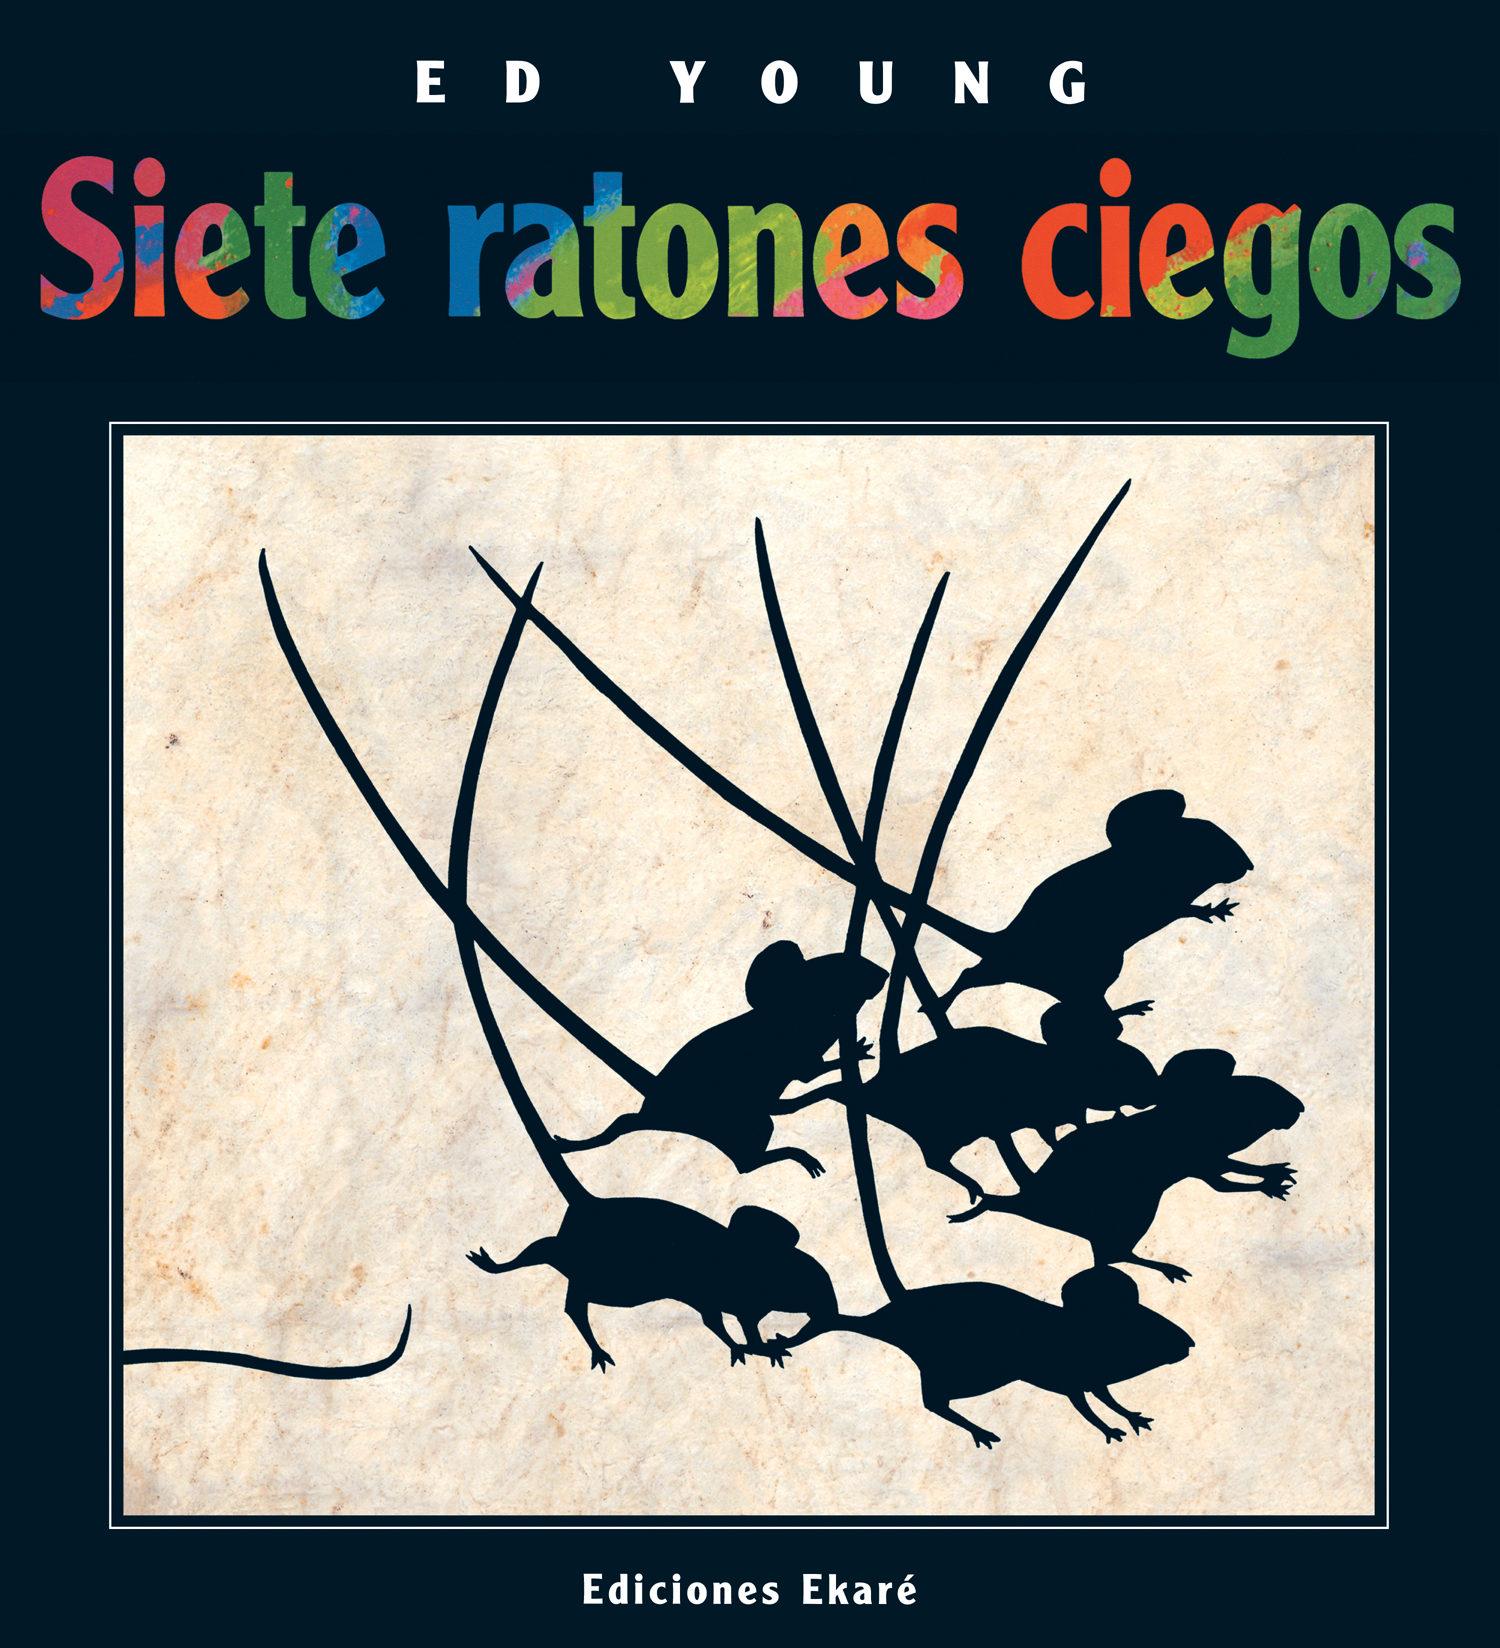 Resultado de imagen de siete ratones ciegos